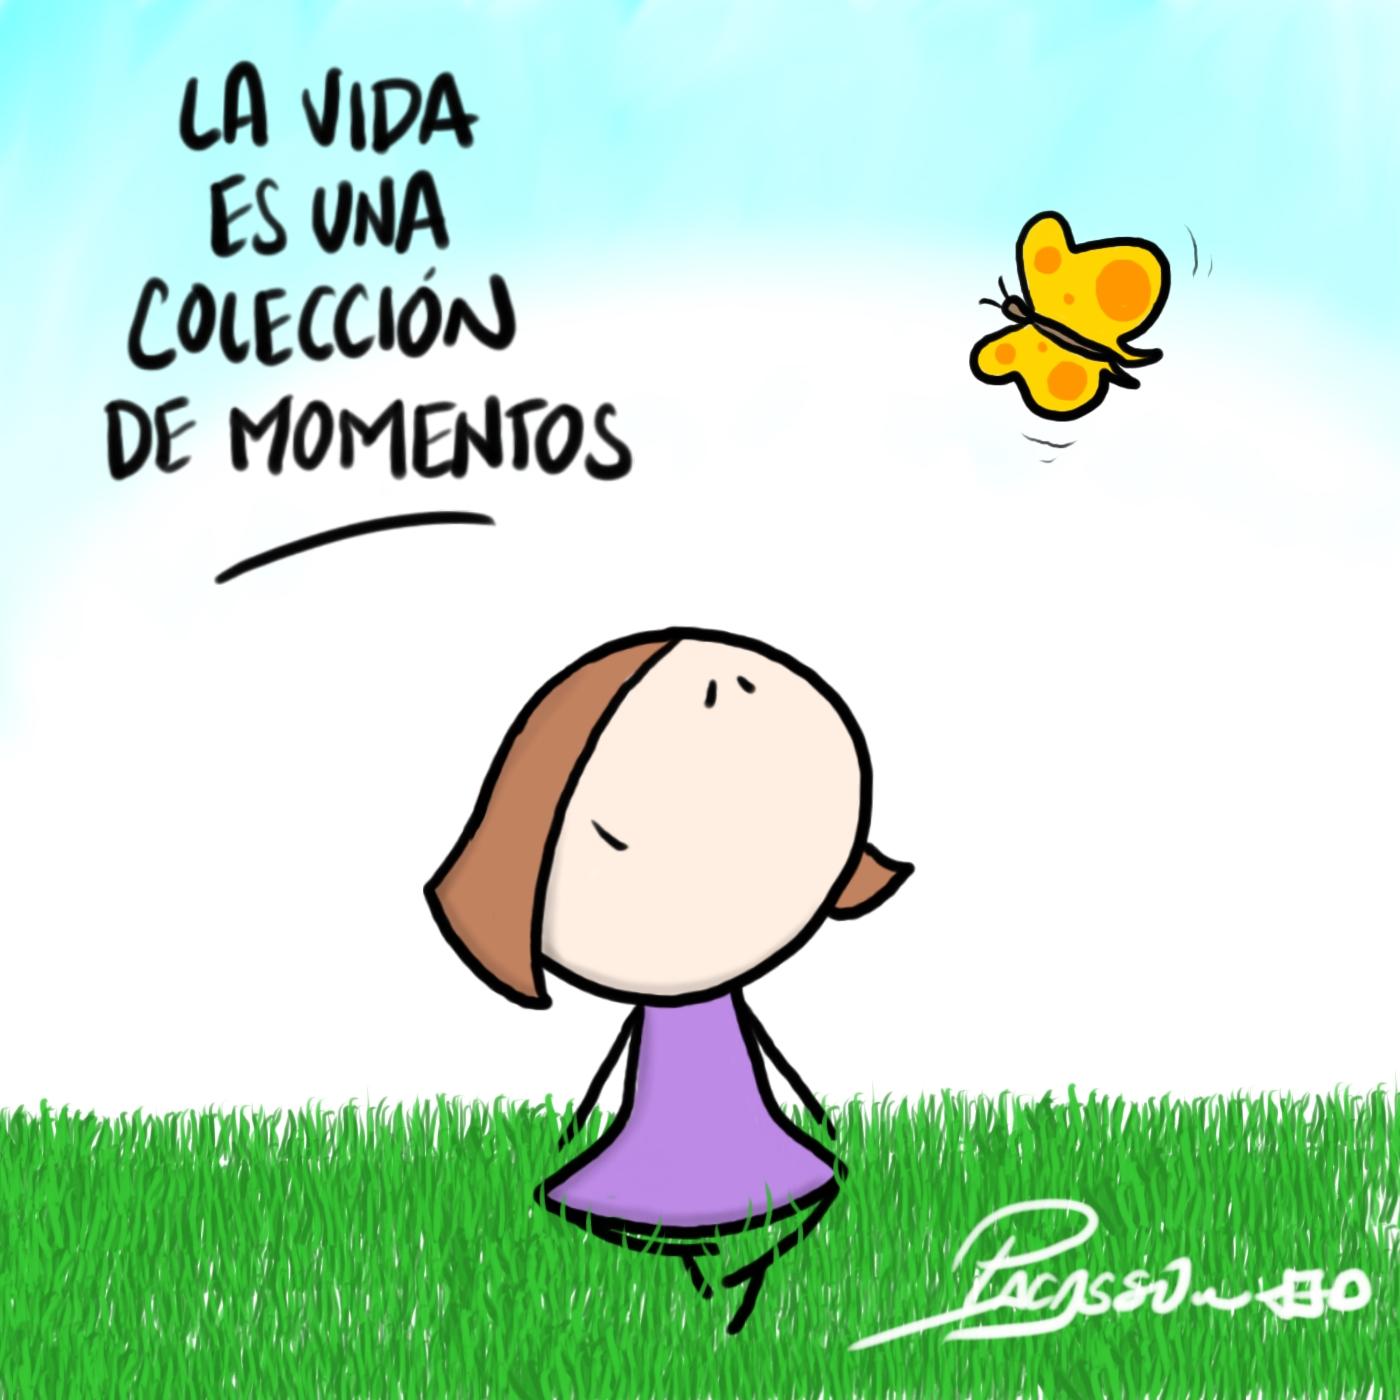 ¡Descubre tus momentos..!